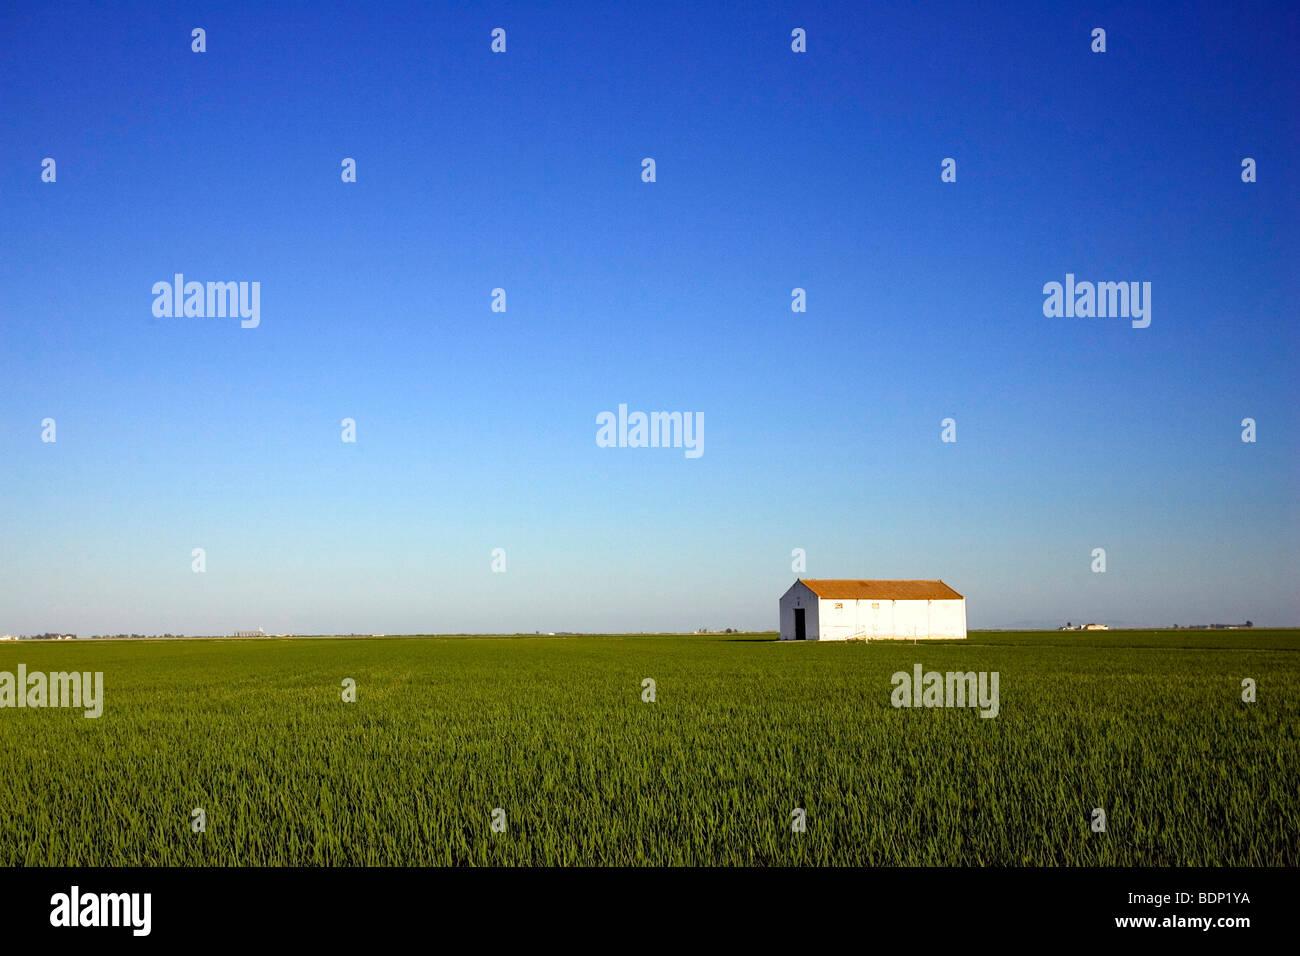 A barn on the rice fields, Isla Mayor, Donana marshland, Spain - Stock Image